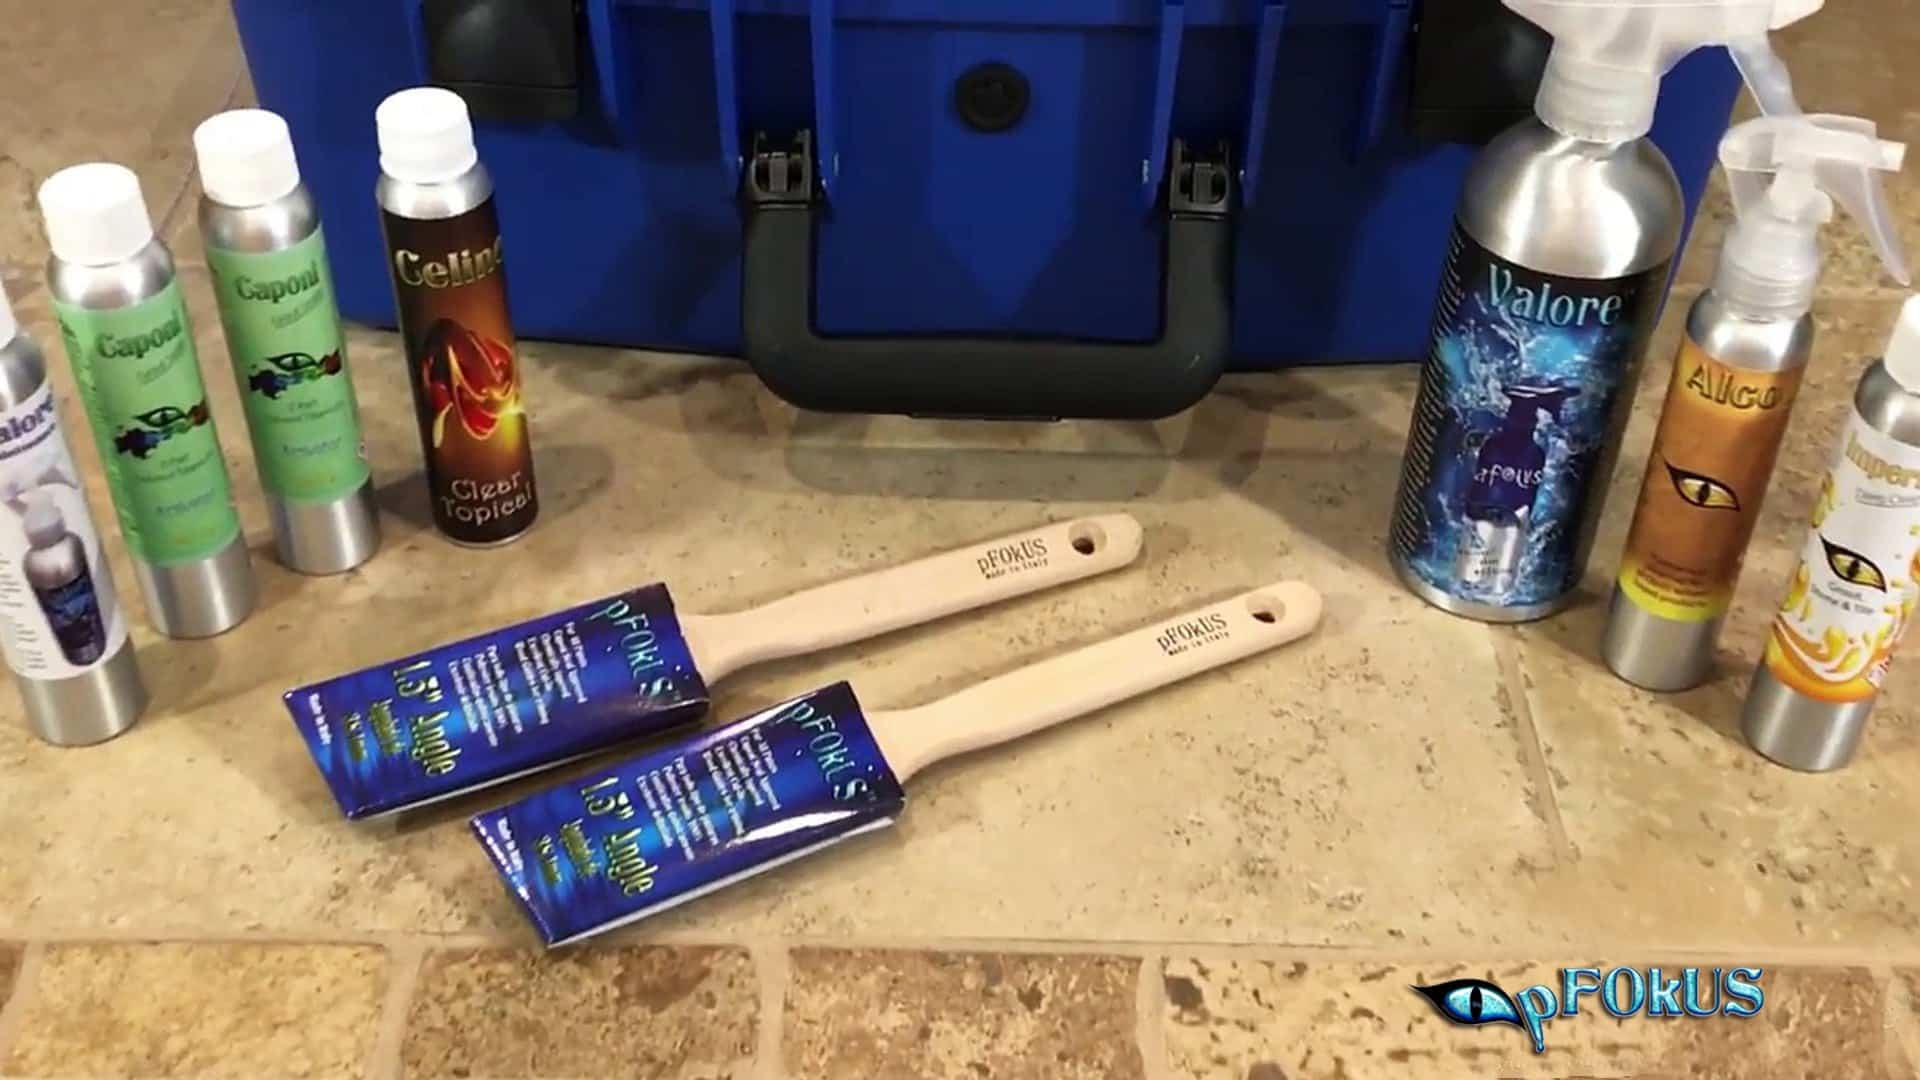 Thanks giving 2020 - Home restoration kit